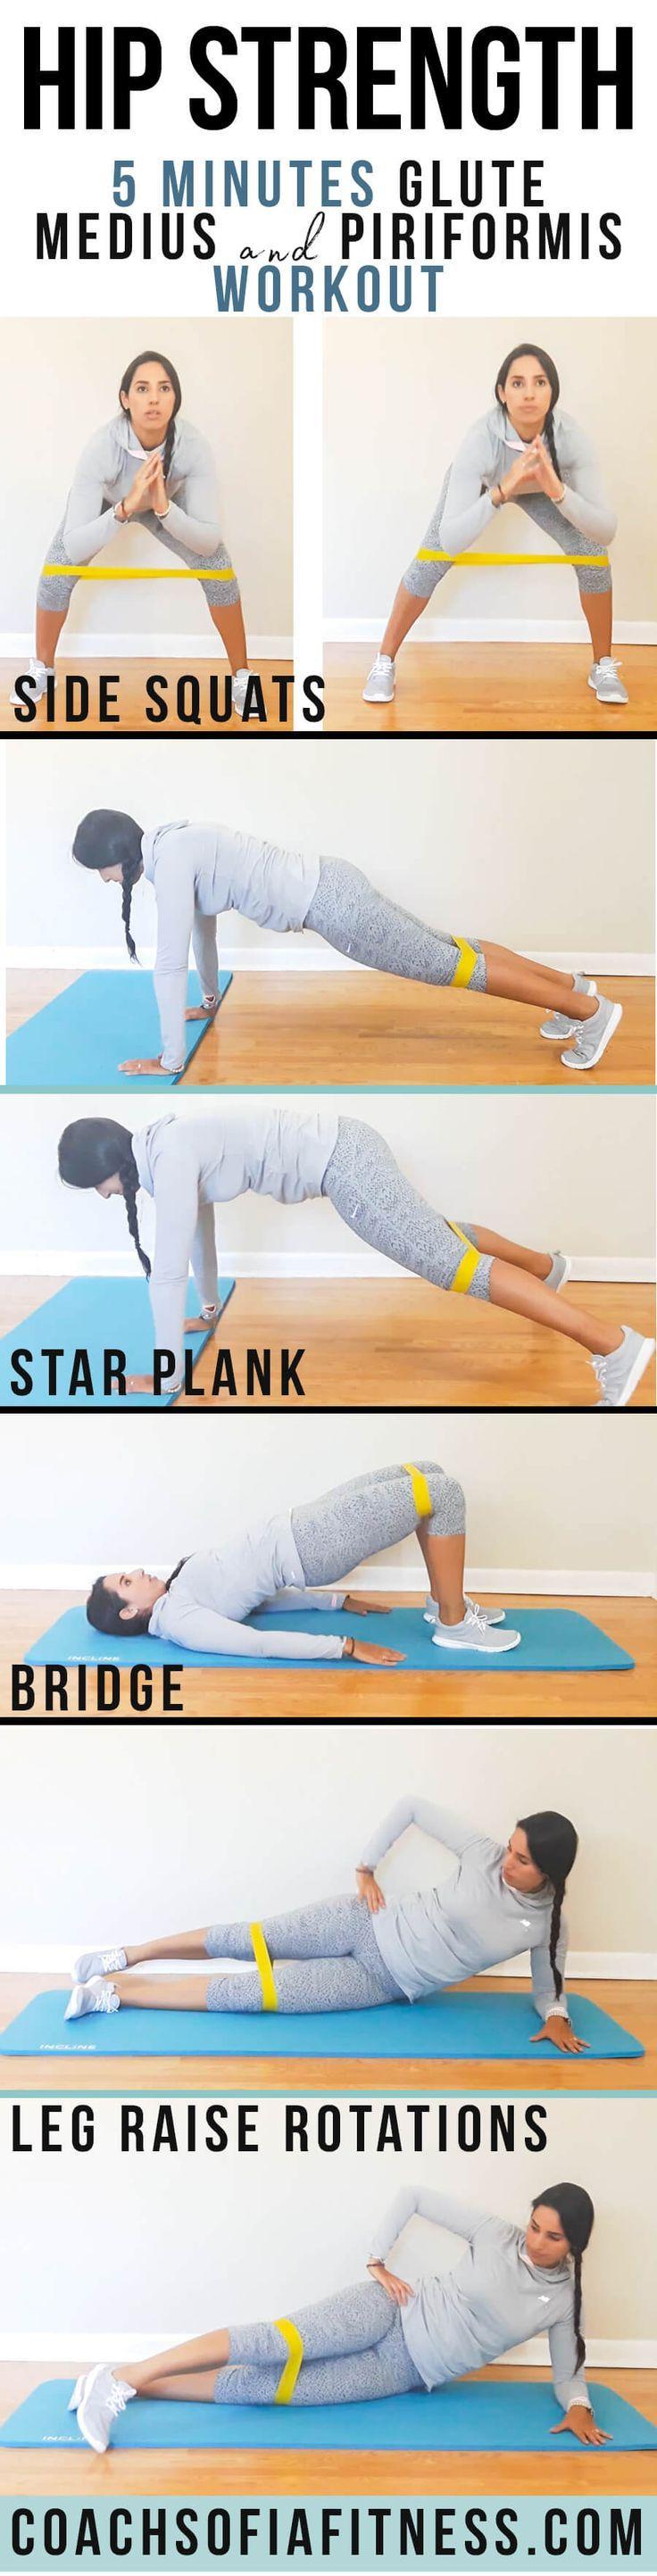 4 Glute Medius Strengthening Exercises (Piriformis Relief